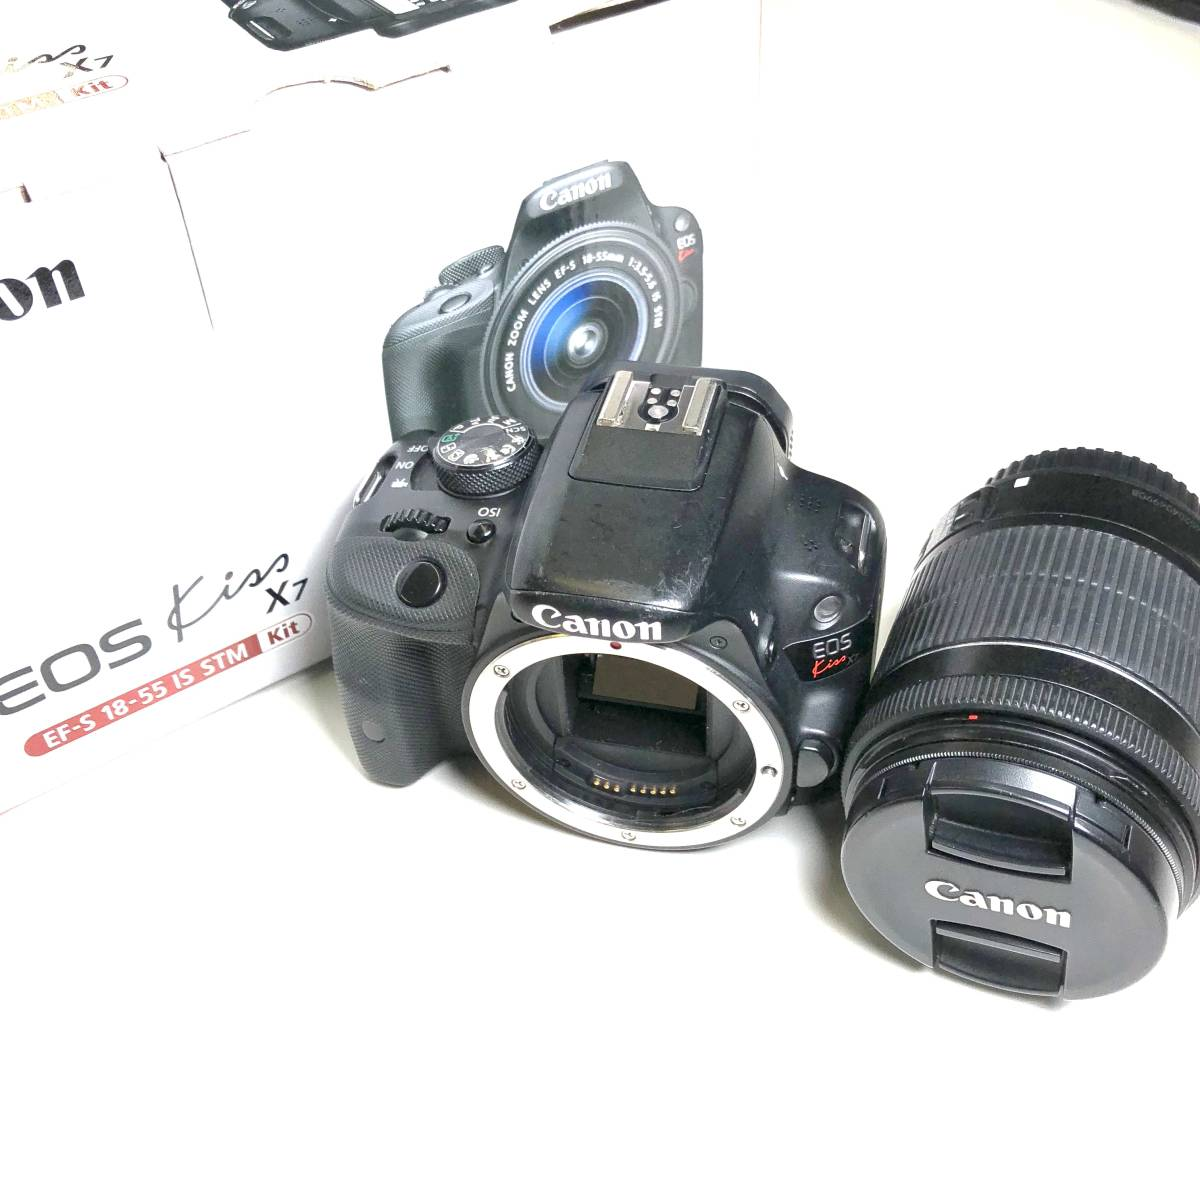 【1円出品】Canon EOS Kiss x7i EF-S 18-135 IS STM Kit デジタル一眼レフカメラ ki